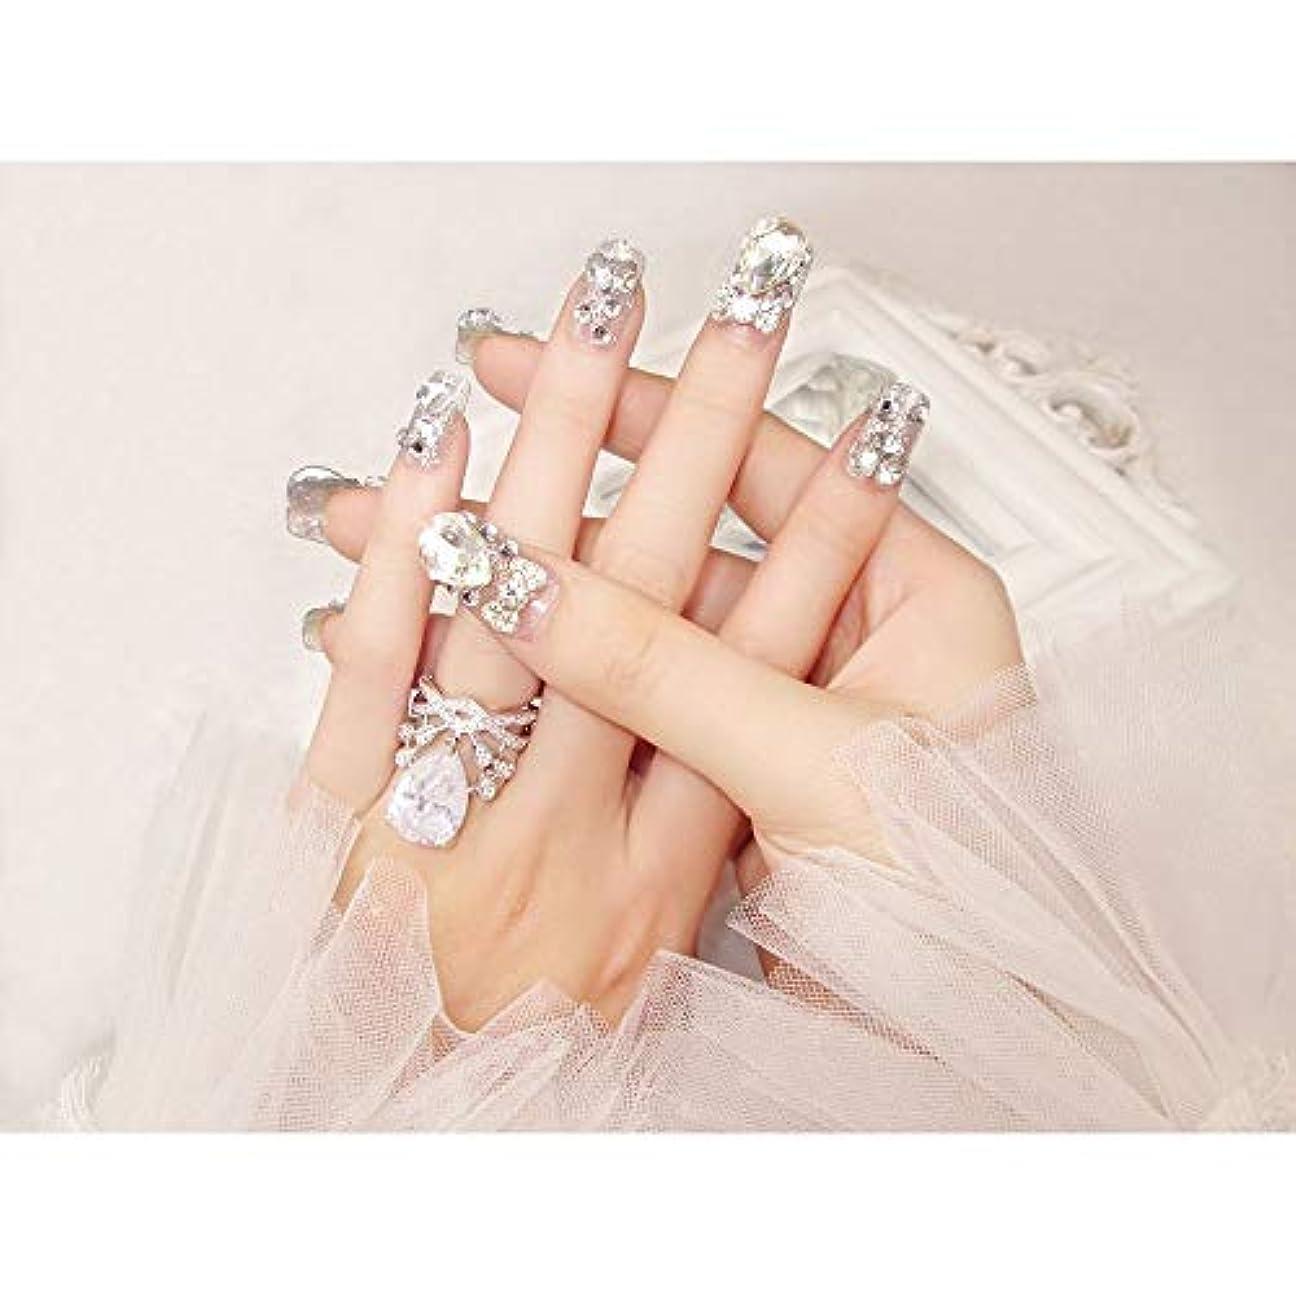 開発哀れな馬鹿げたYESONEEP 完成した偽の釘24ピース箱入り花嫁シャイニー偽の爪の宝石ダイヤモンドの宝石ブライダルネイルステッカー (色 : 24 pieces)